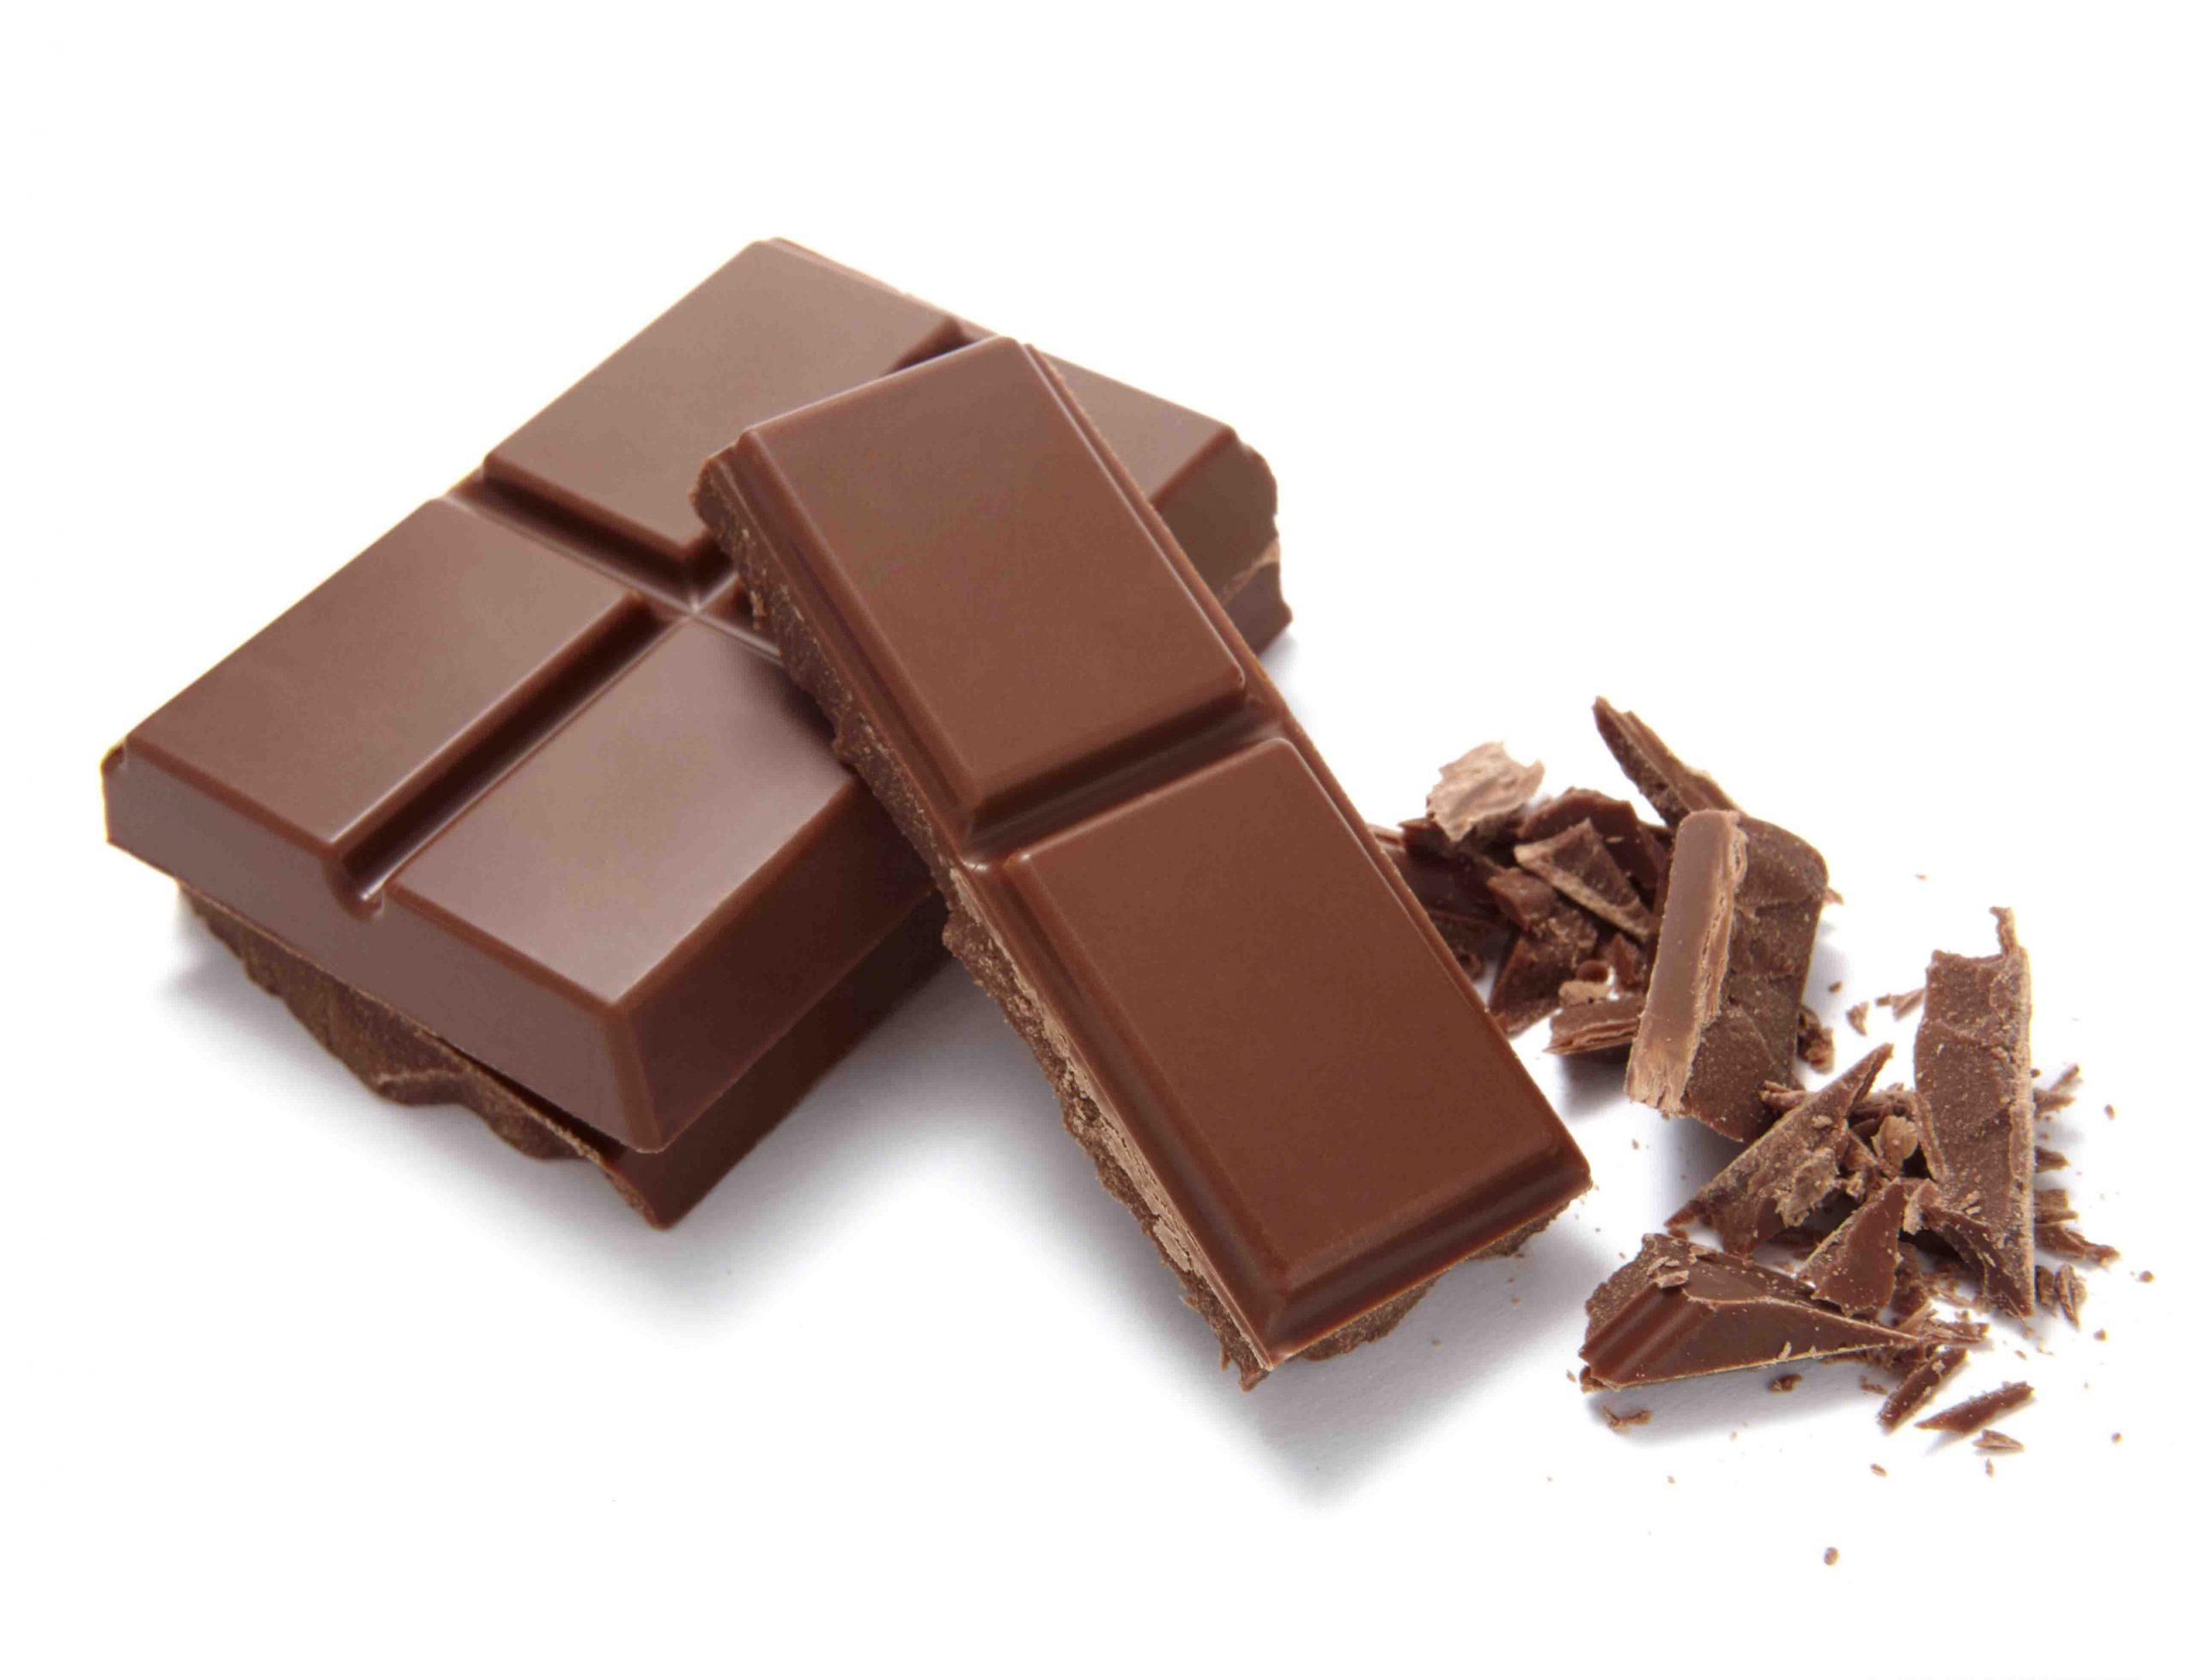 صورة أستراليا: الشوكولاتة مستحضر طبي !